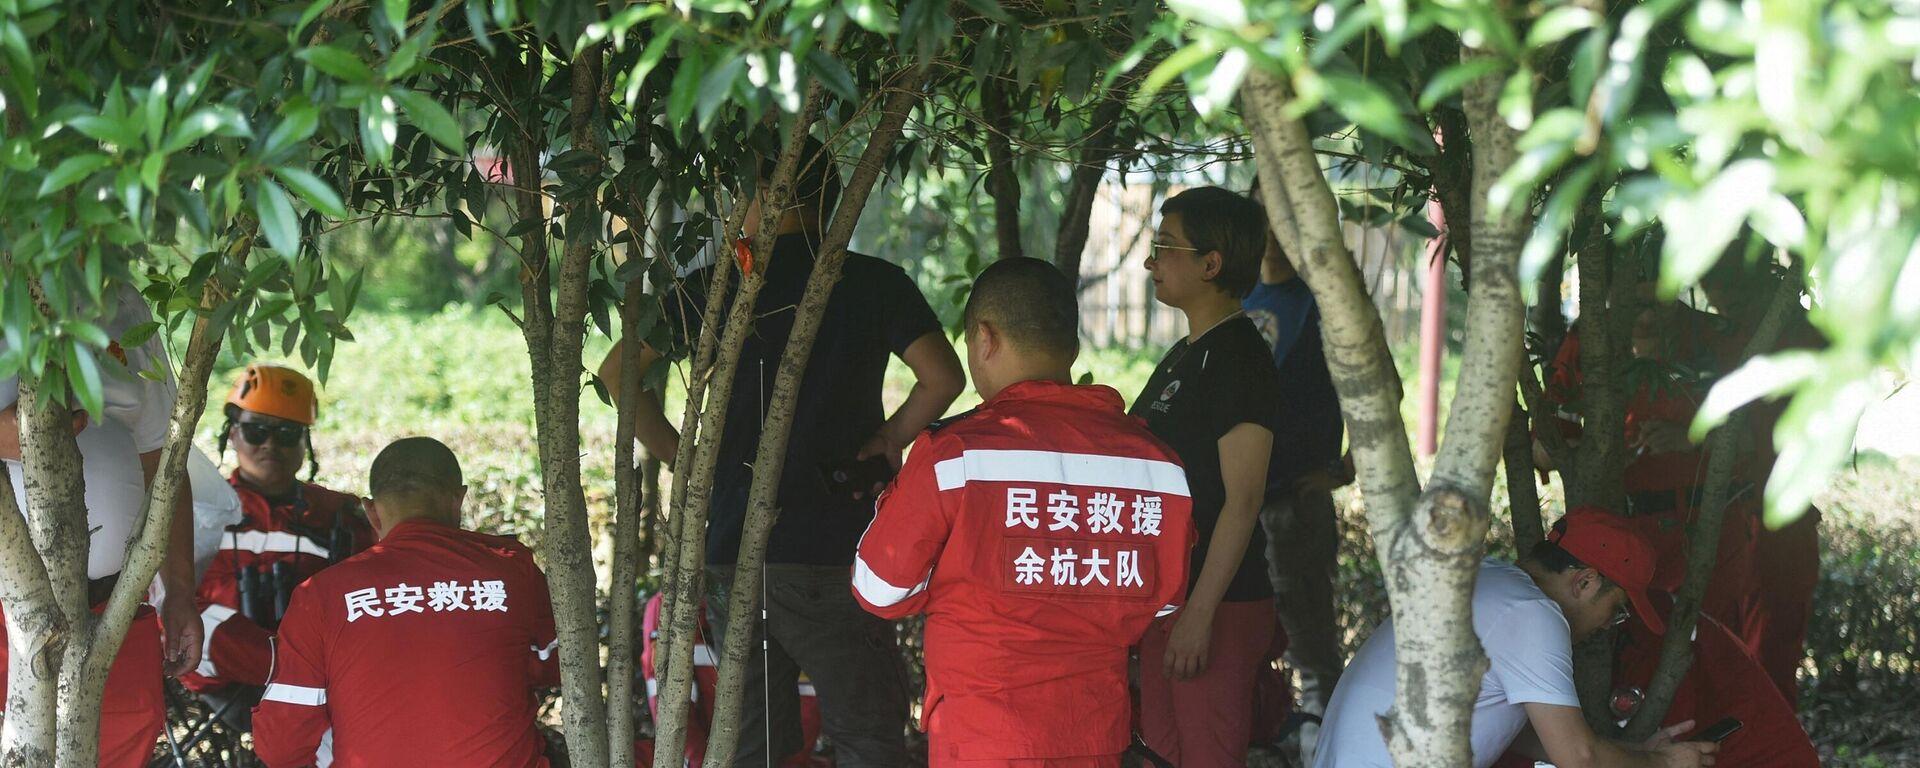 Unos rescatistas buscan leopardos que escaparon de un zoológico en Hangzhou, China - Sputnik Mundo, 1920, 17.05.2021